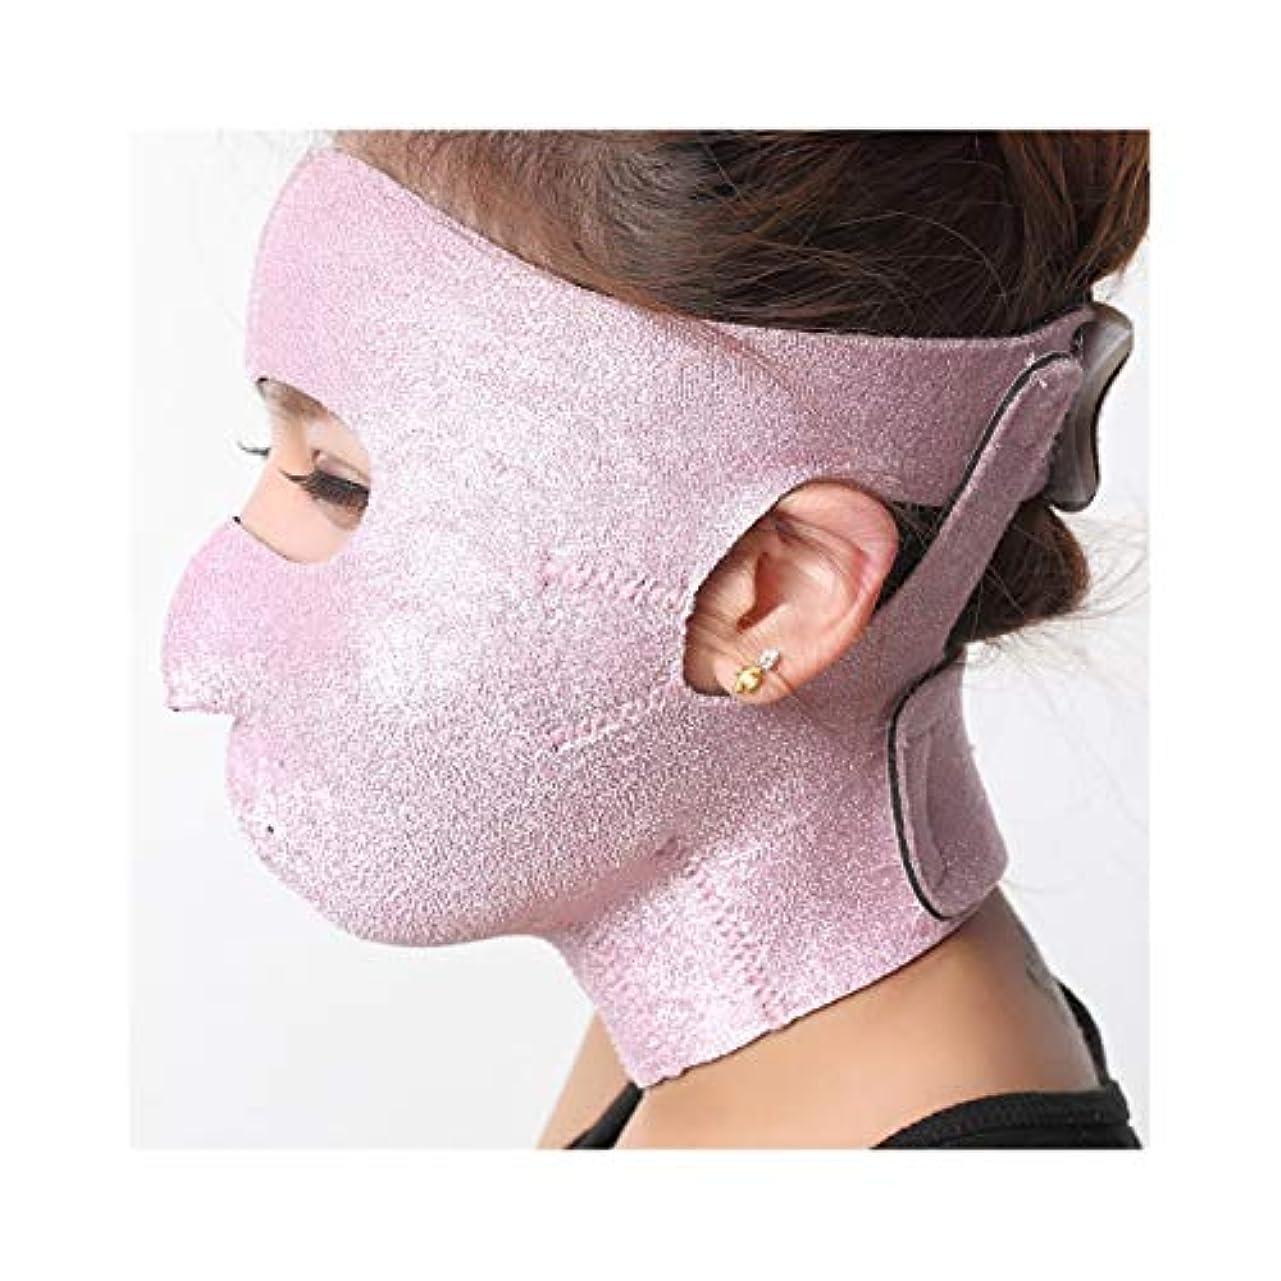 広範囲に賛美歌奪うXHLMRMJ 引き締めフェイスマスク、小さなVフェイスアーティファクト睡眠薄いフェイス包帯マスクリフティングマスク引き締めクリームフェイスリフトフェイスメロンフェイス楽器